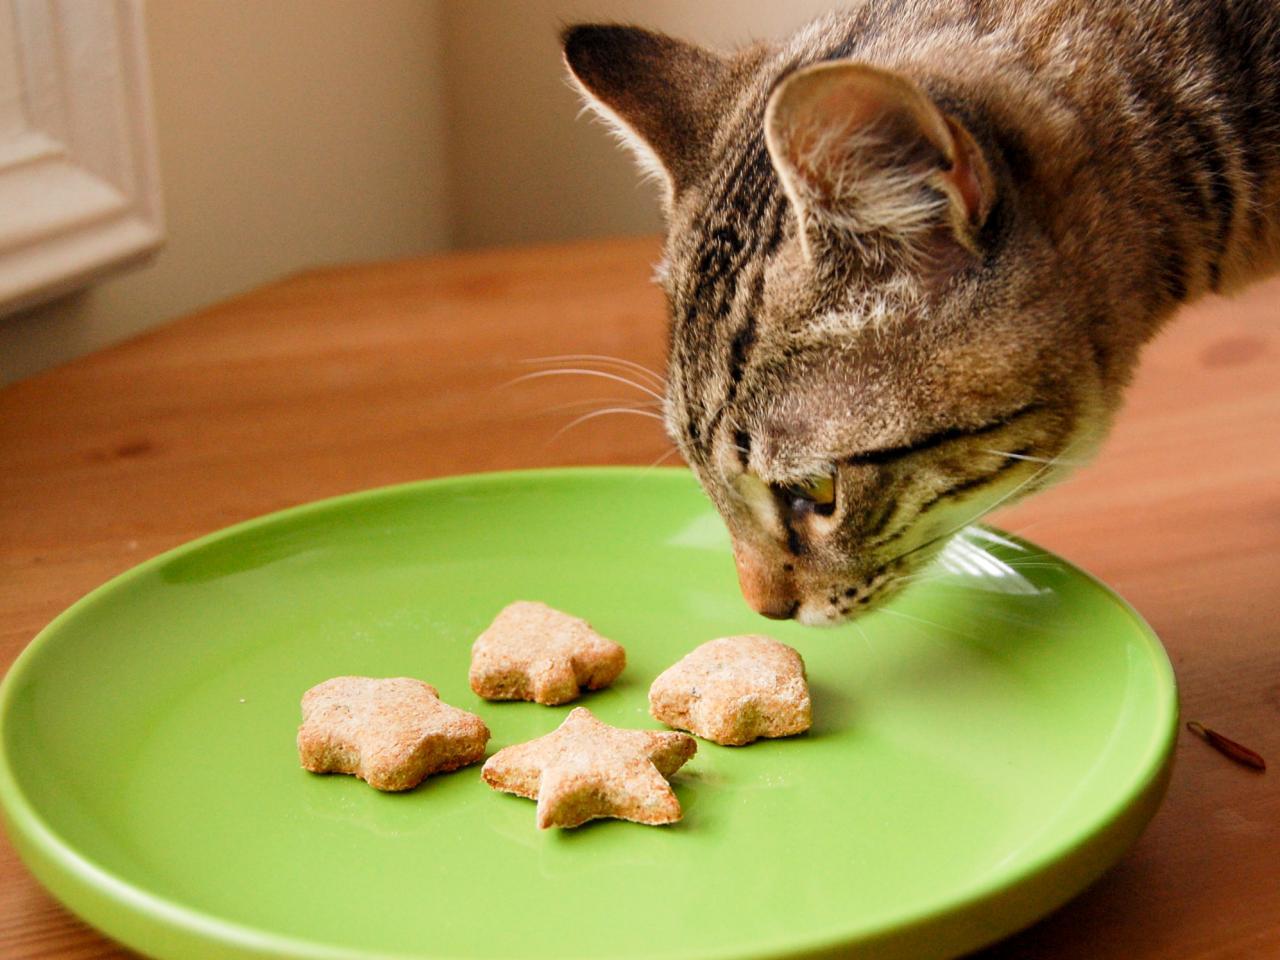 kurabiyeler-ve-kedi